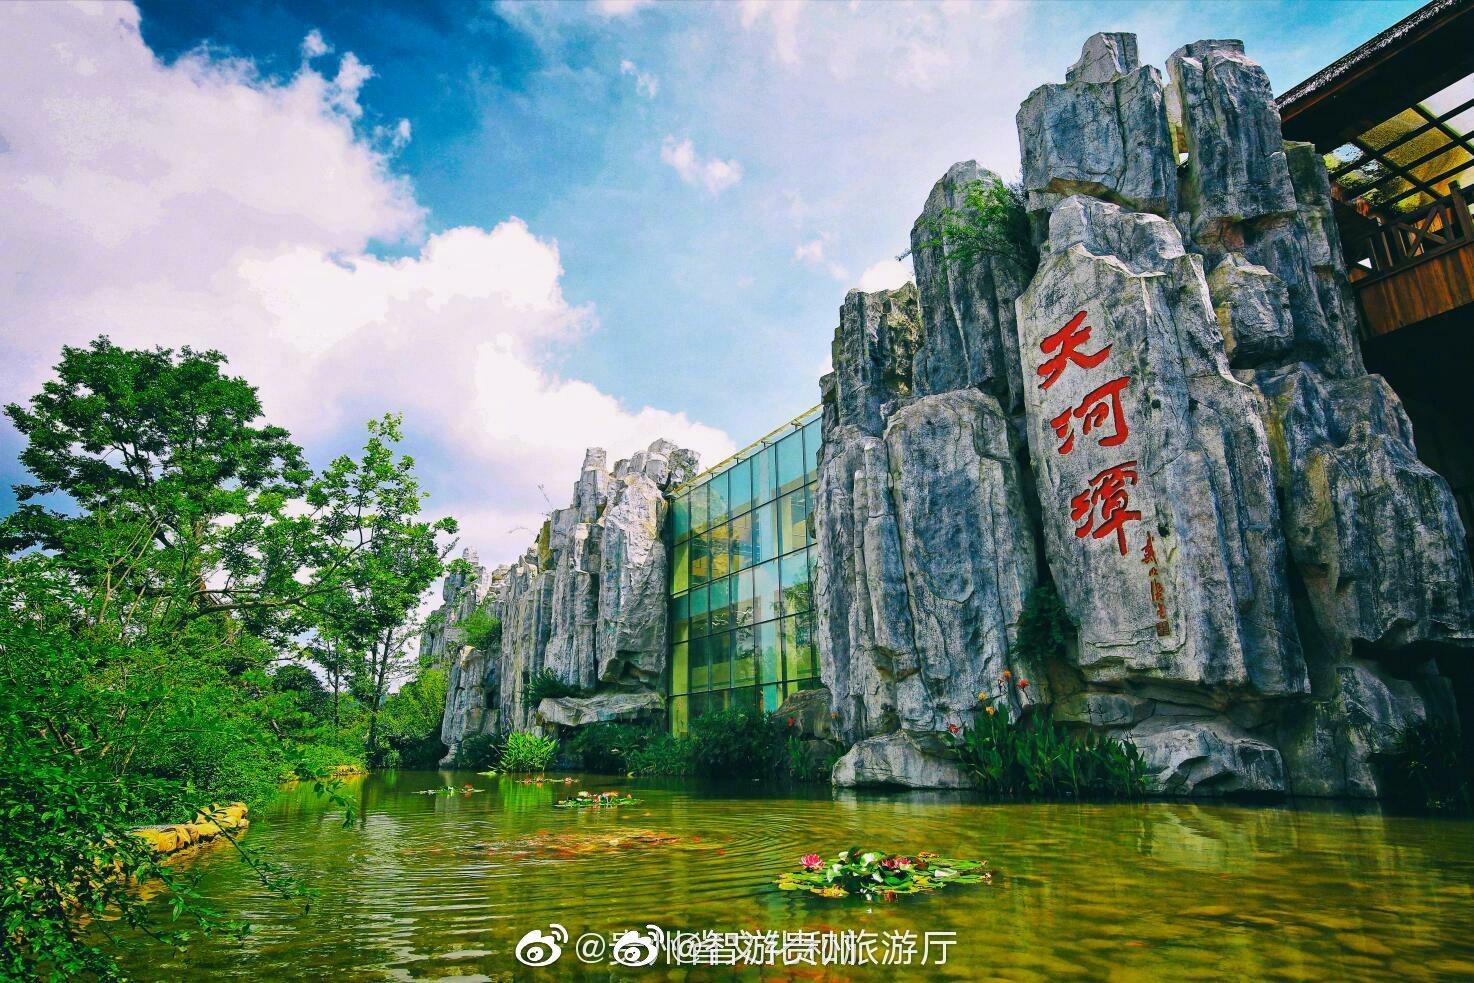 天河潭旅游专线!贵阳市区至天河潭出行更方便了